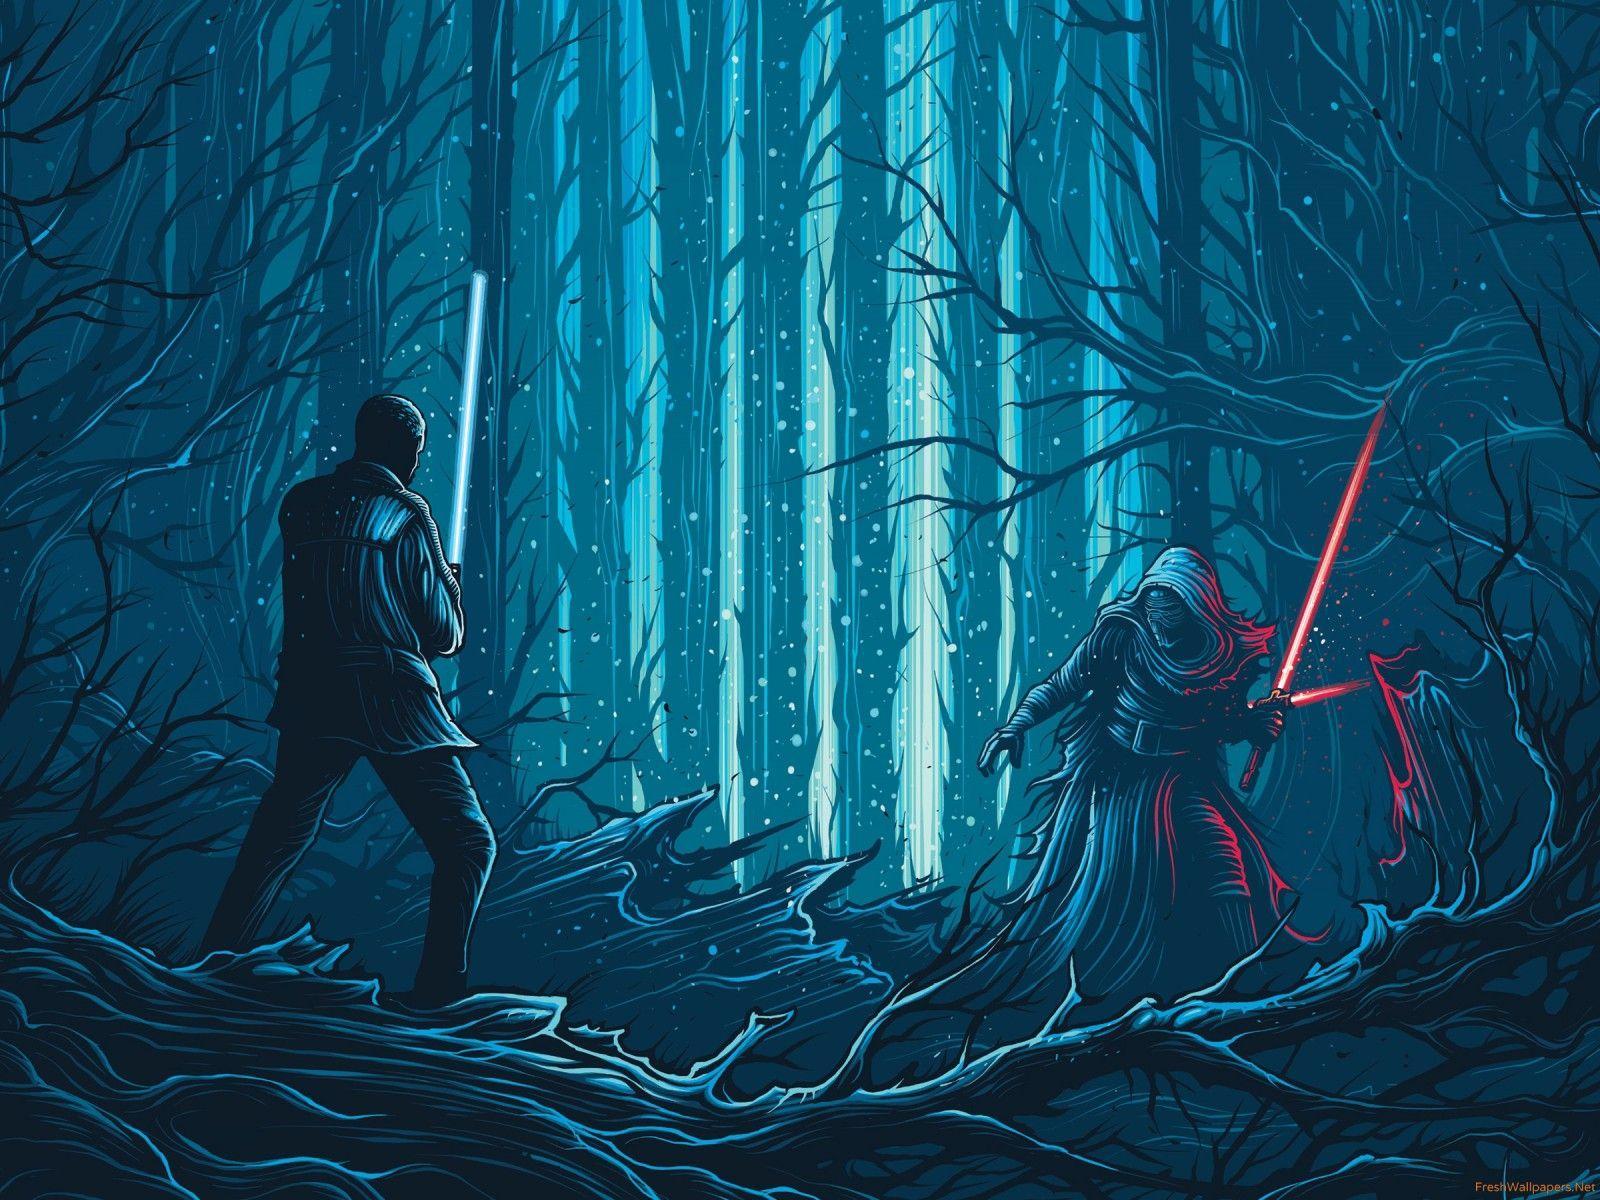 Star Wars Kylo Ren Wallpapers Top Free Star Wars Kylo Ren Backgrounds Wallpaperaccess